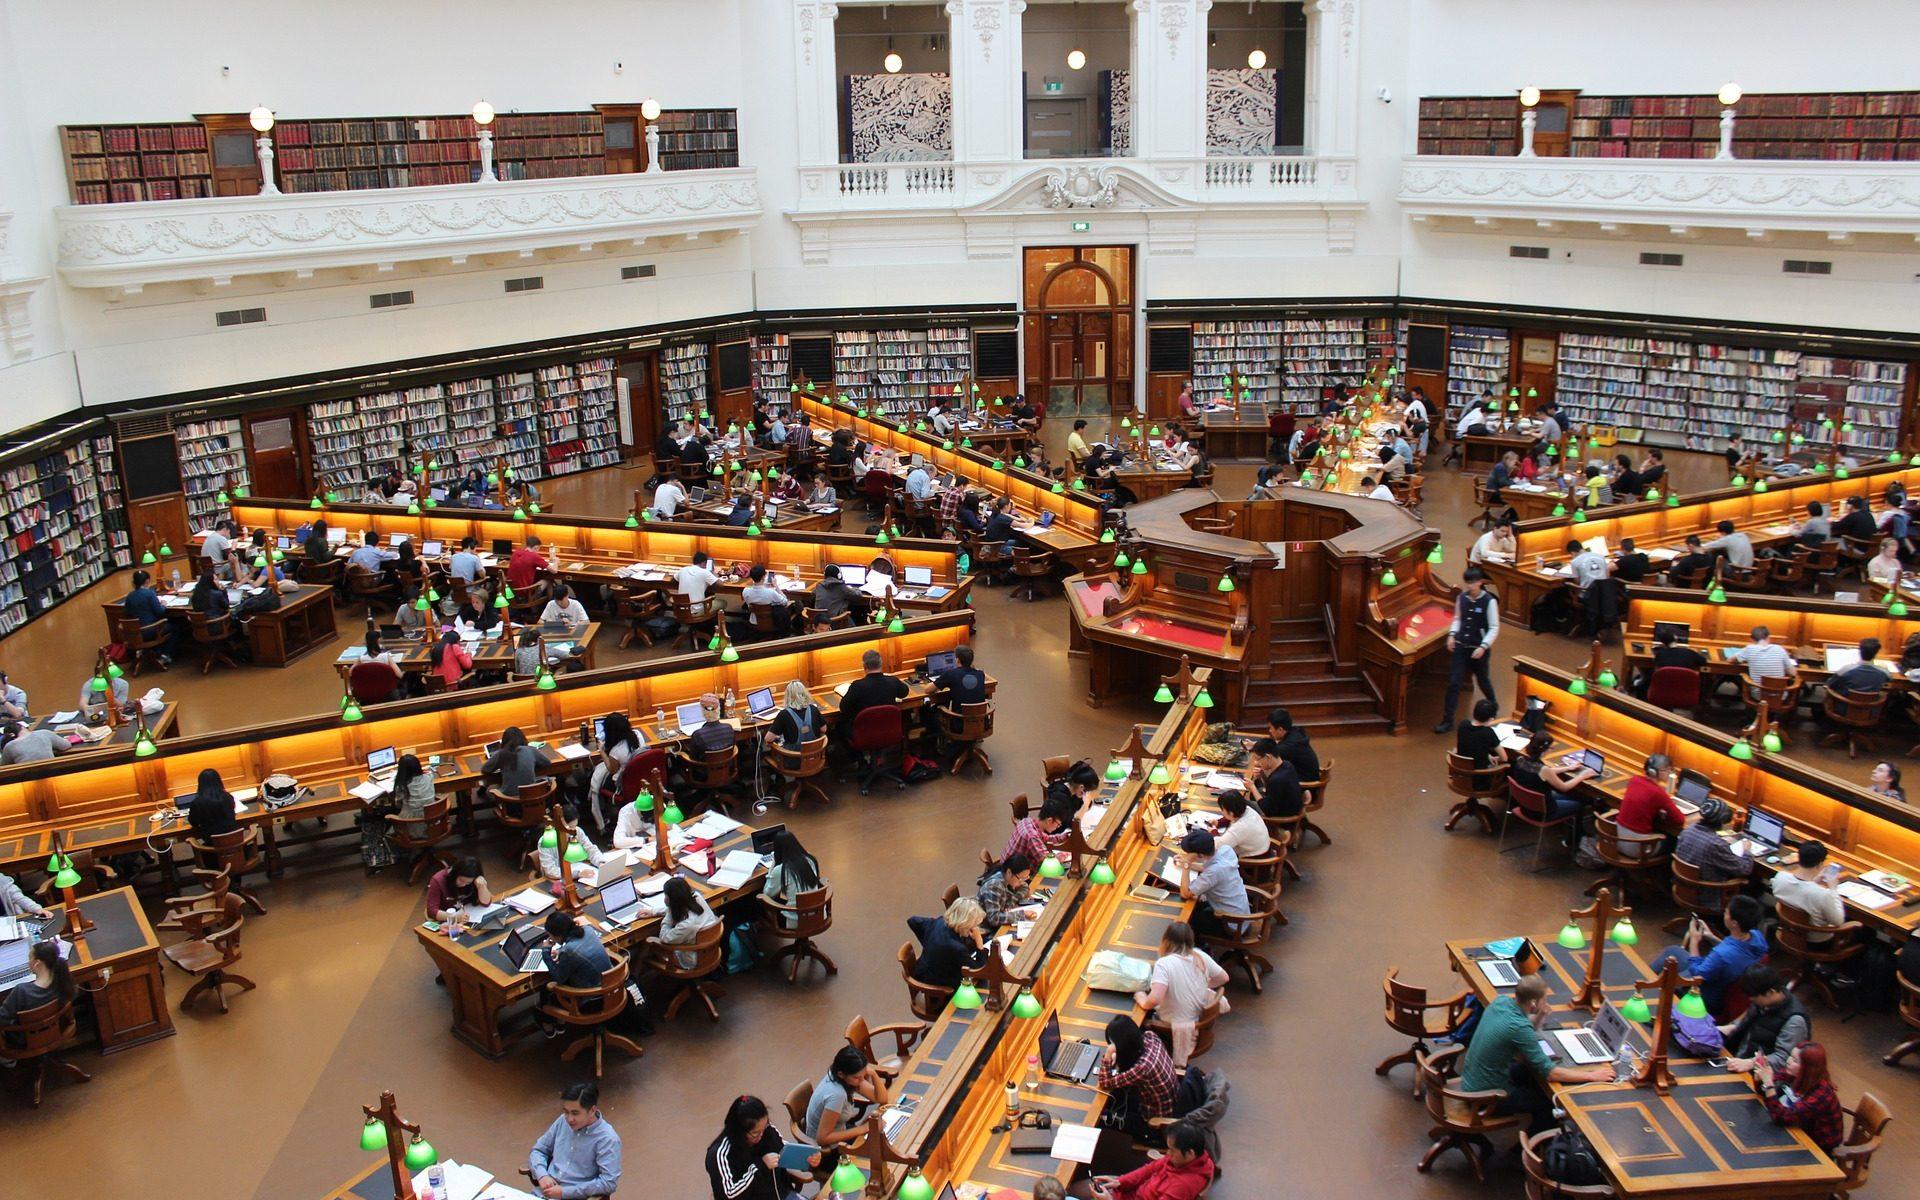 Grenzen der Meinungsäußerungsfreiheit bestimmen Gesetze, nicht der StuRa